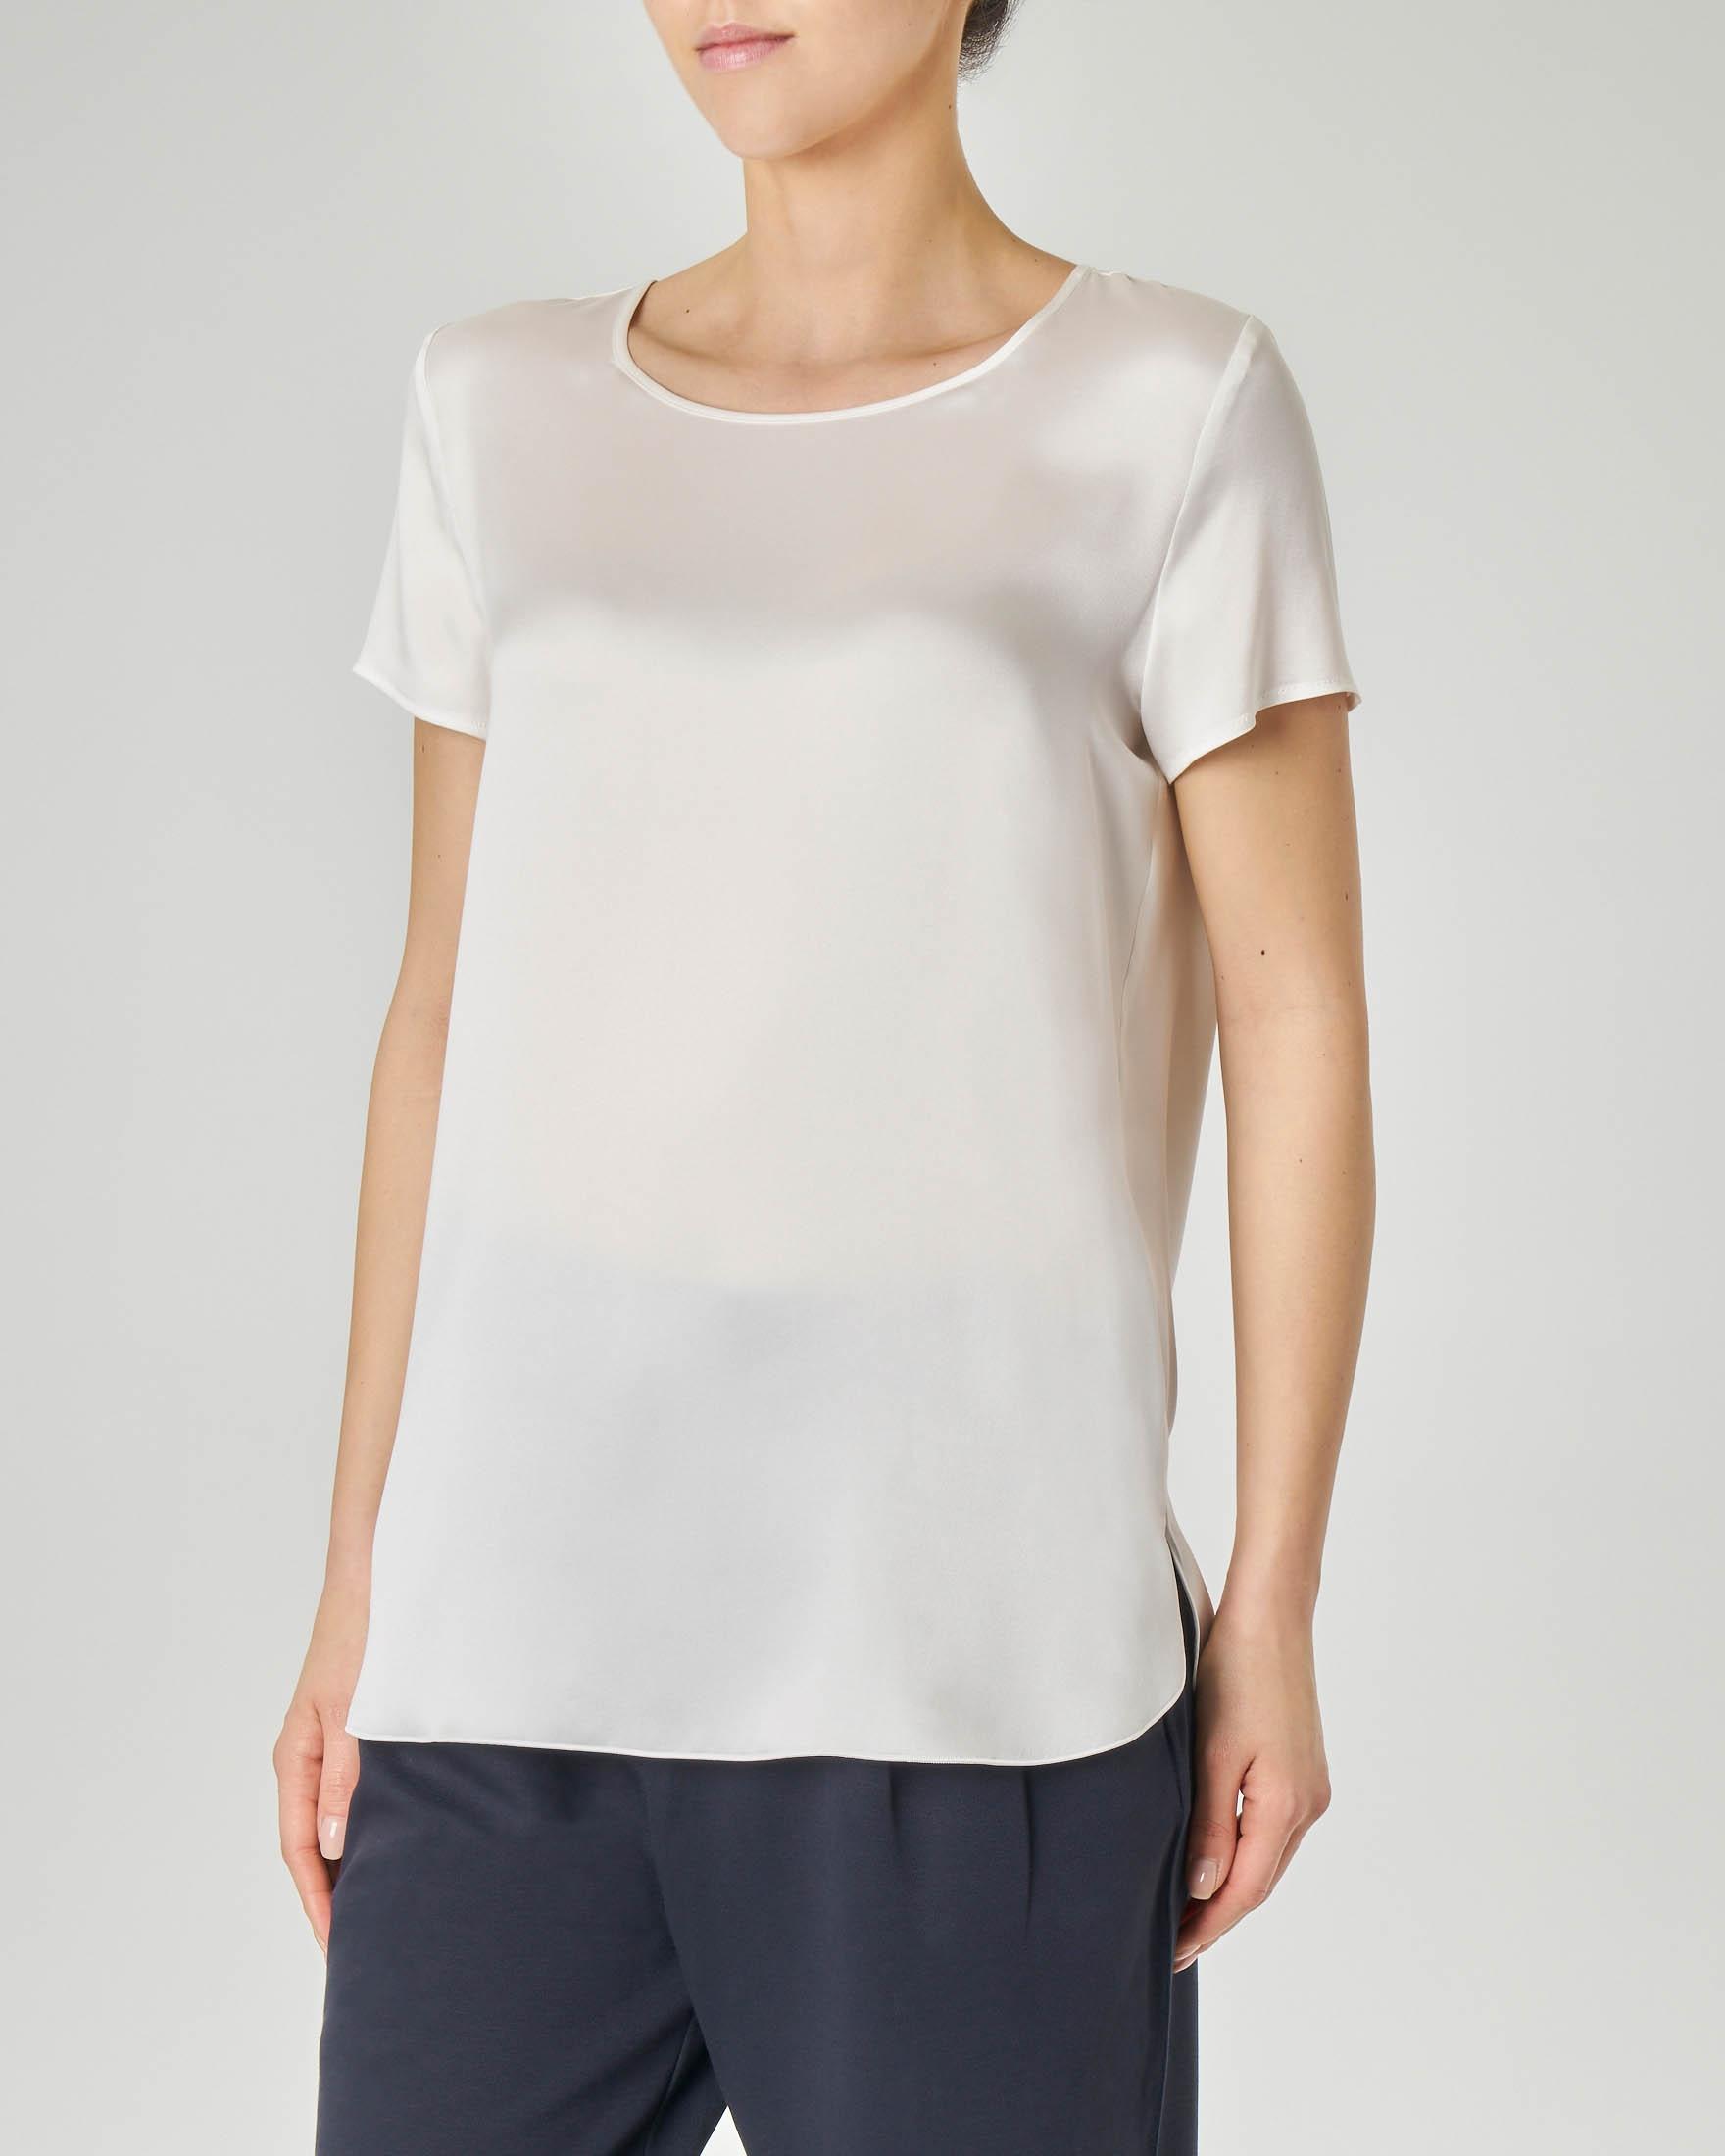 cheap for discount 95530 4dd49 Blusa in crêpe seta bianca a maniche corte